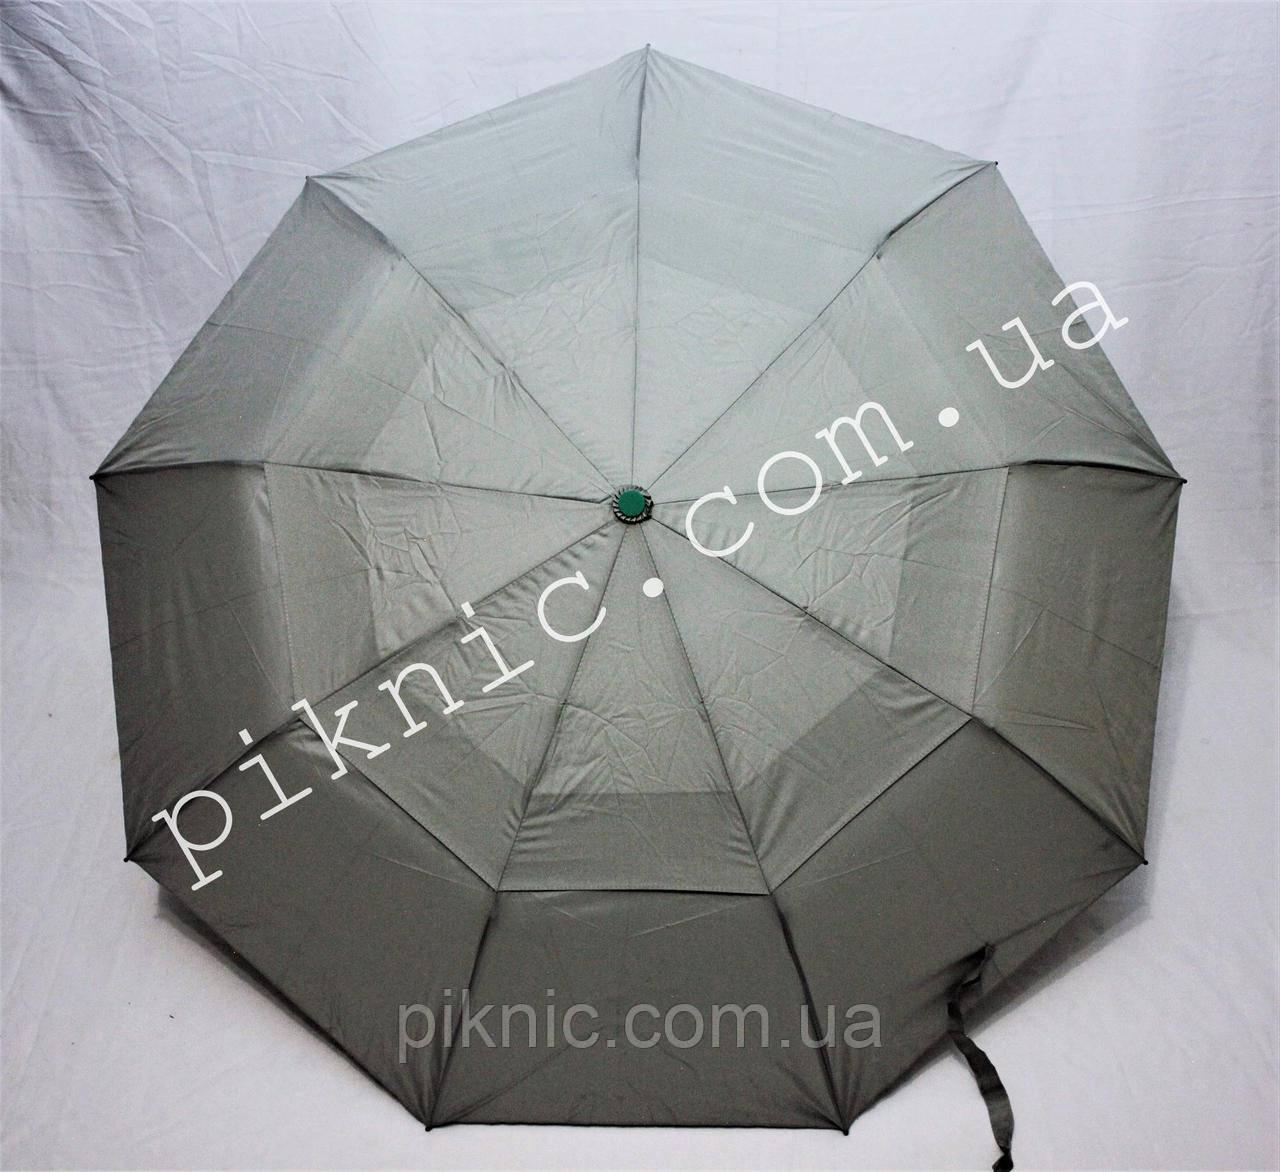 Женский зонт складной с ветровым клапаном полуавтомат. Зонтик от дождя. Серый